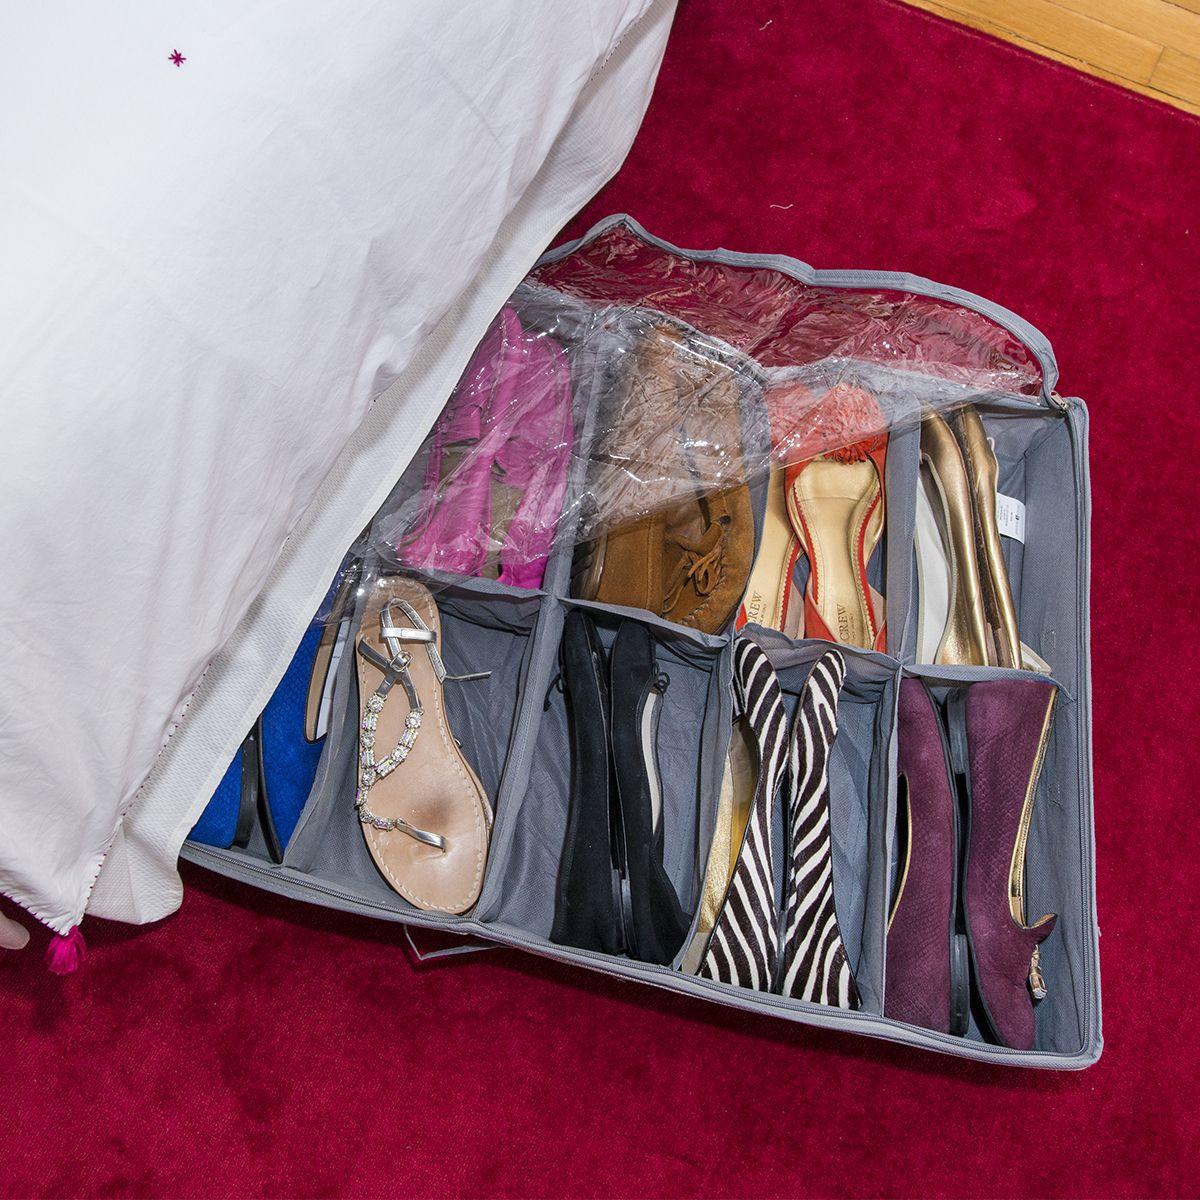 ... Rangement pour 12 paires de chaussures sous le lit ... c9651903d21f